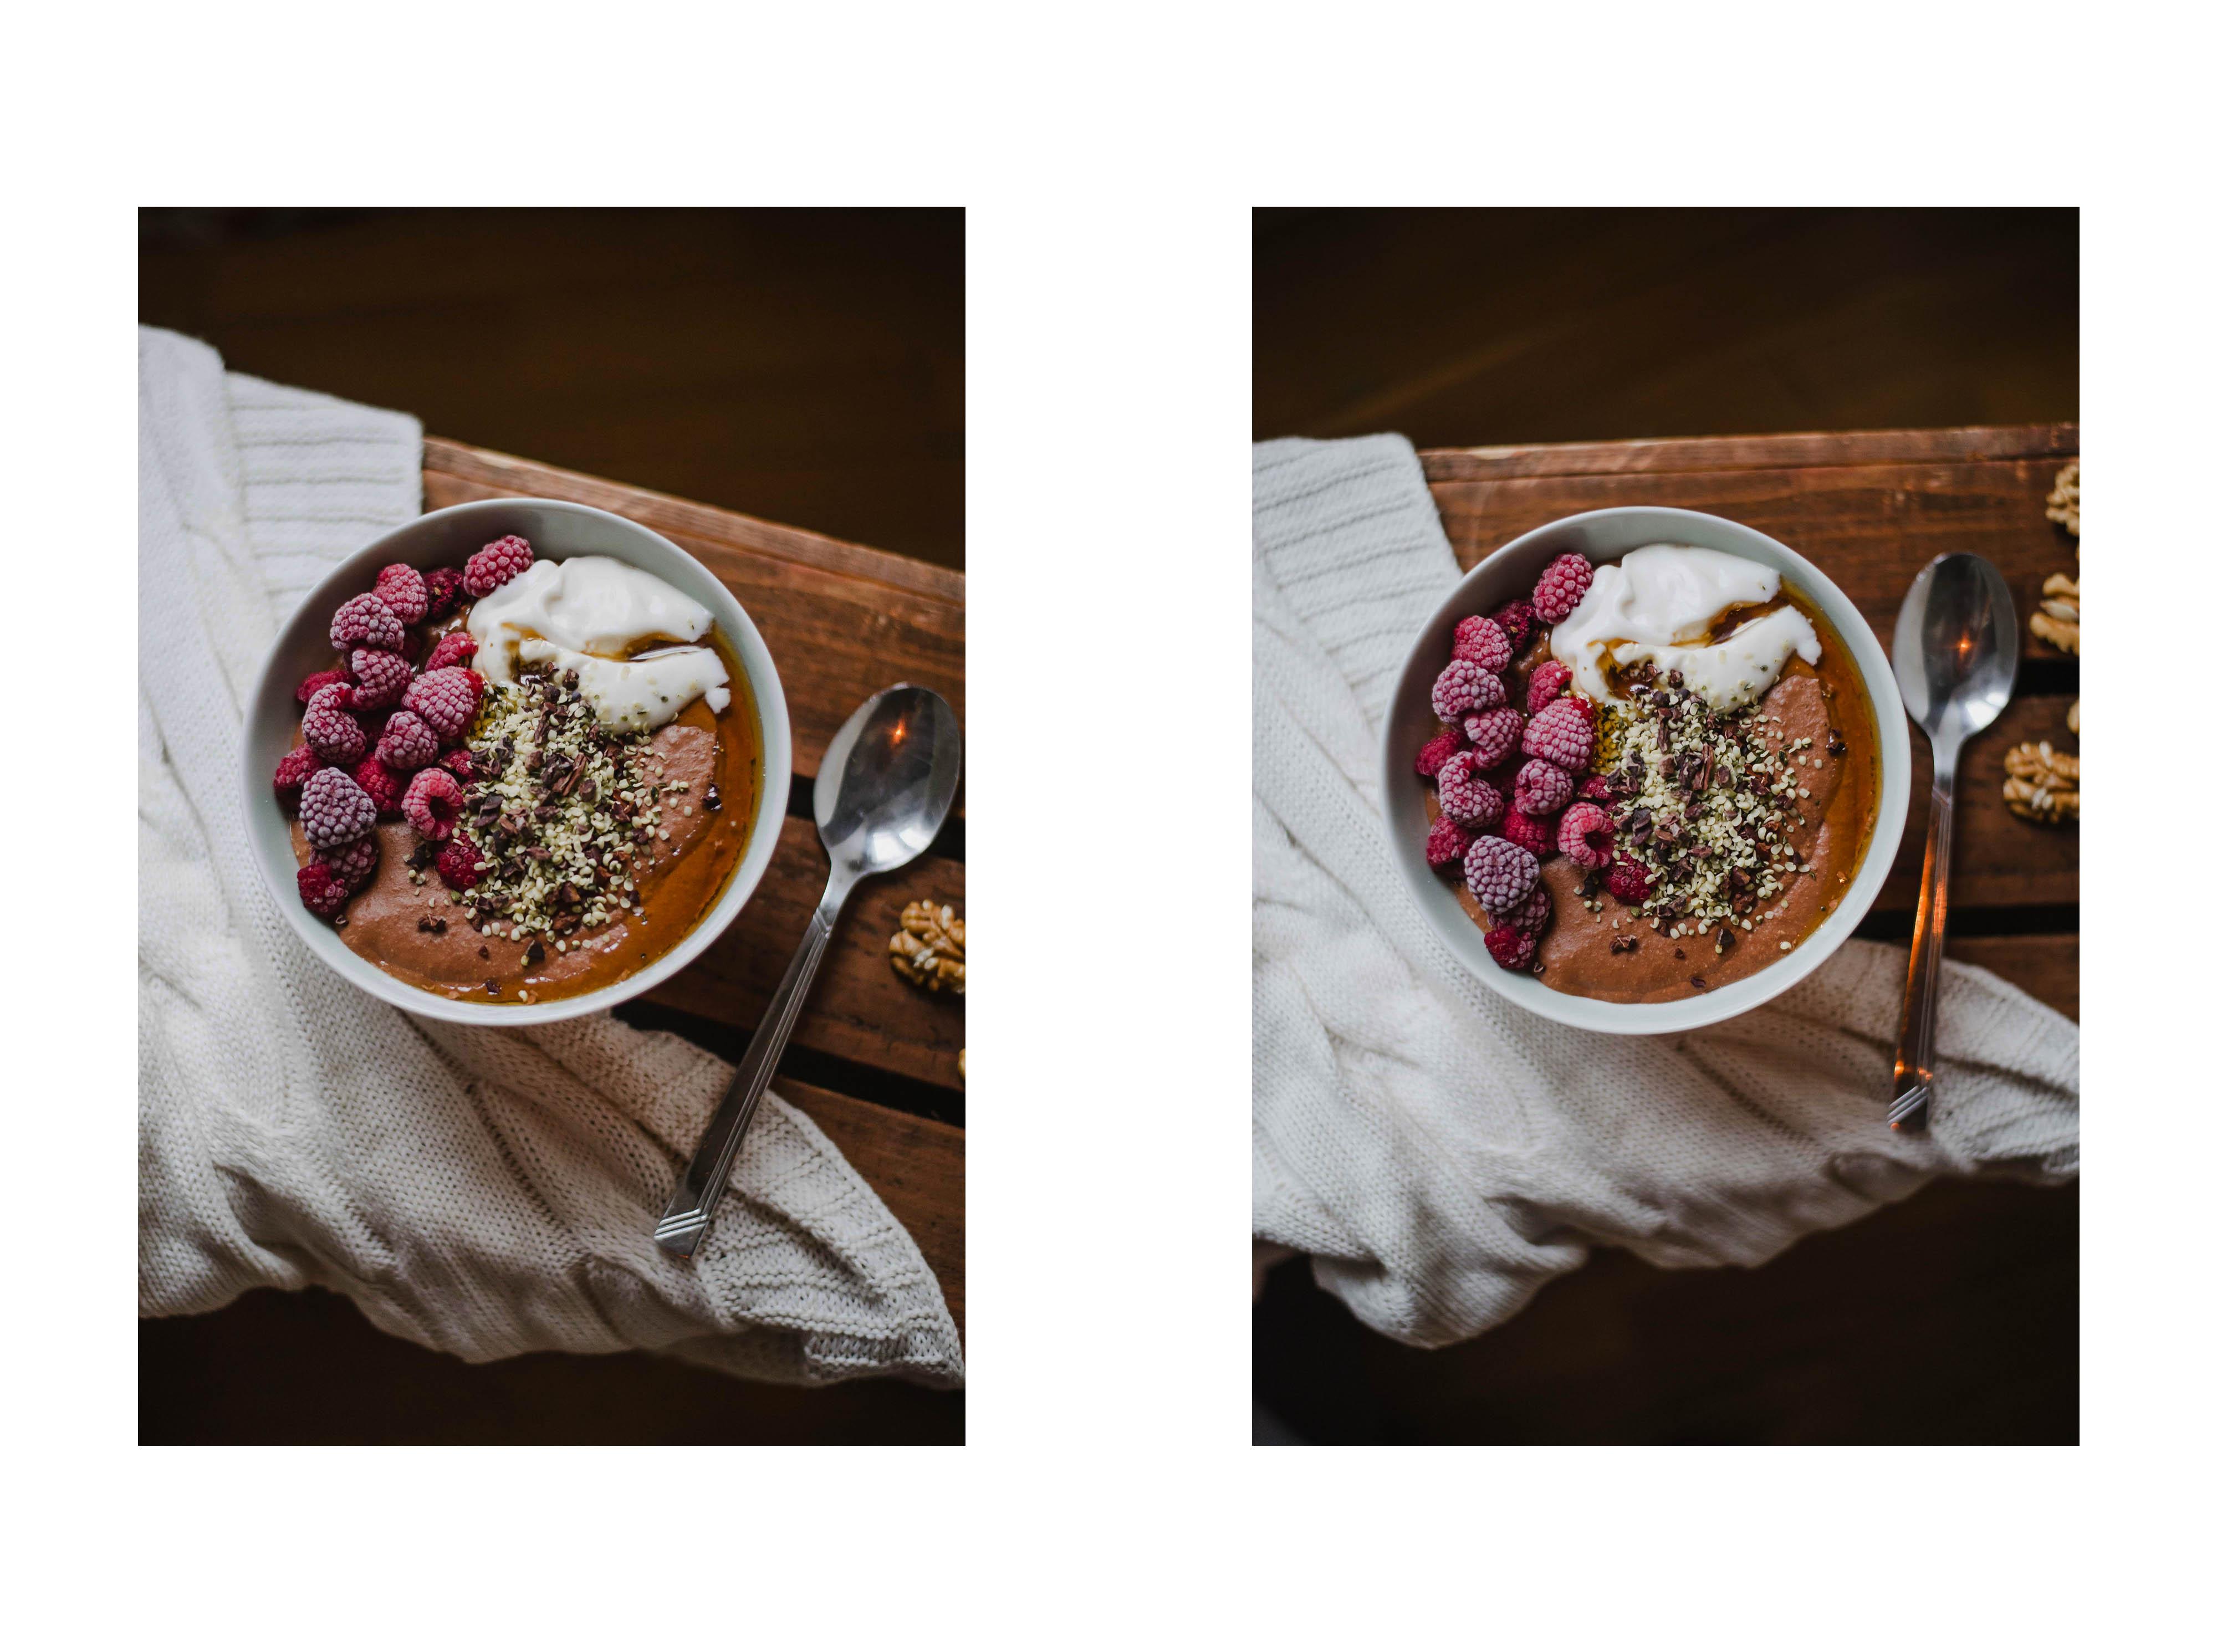 Warmer Schokoladen Porrdige im Herbst: Wie Schoko-Mousse mit Himbeeren